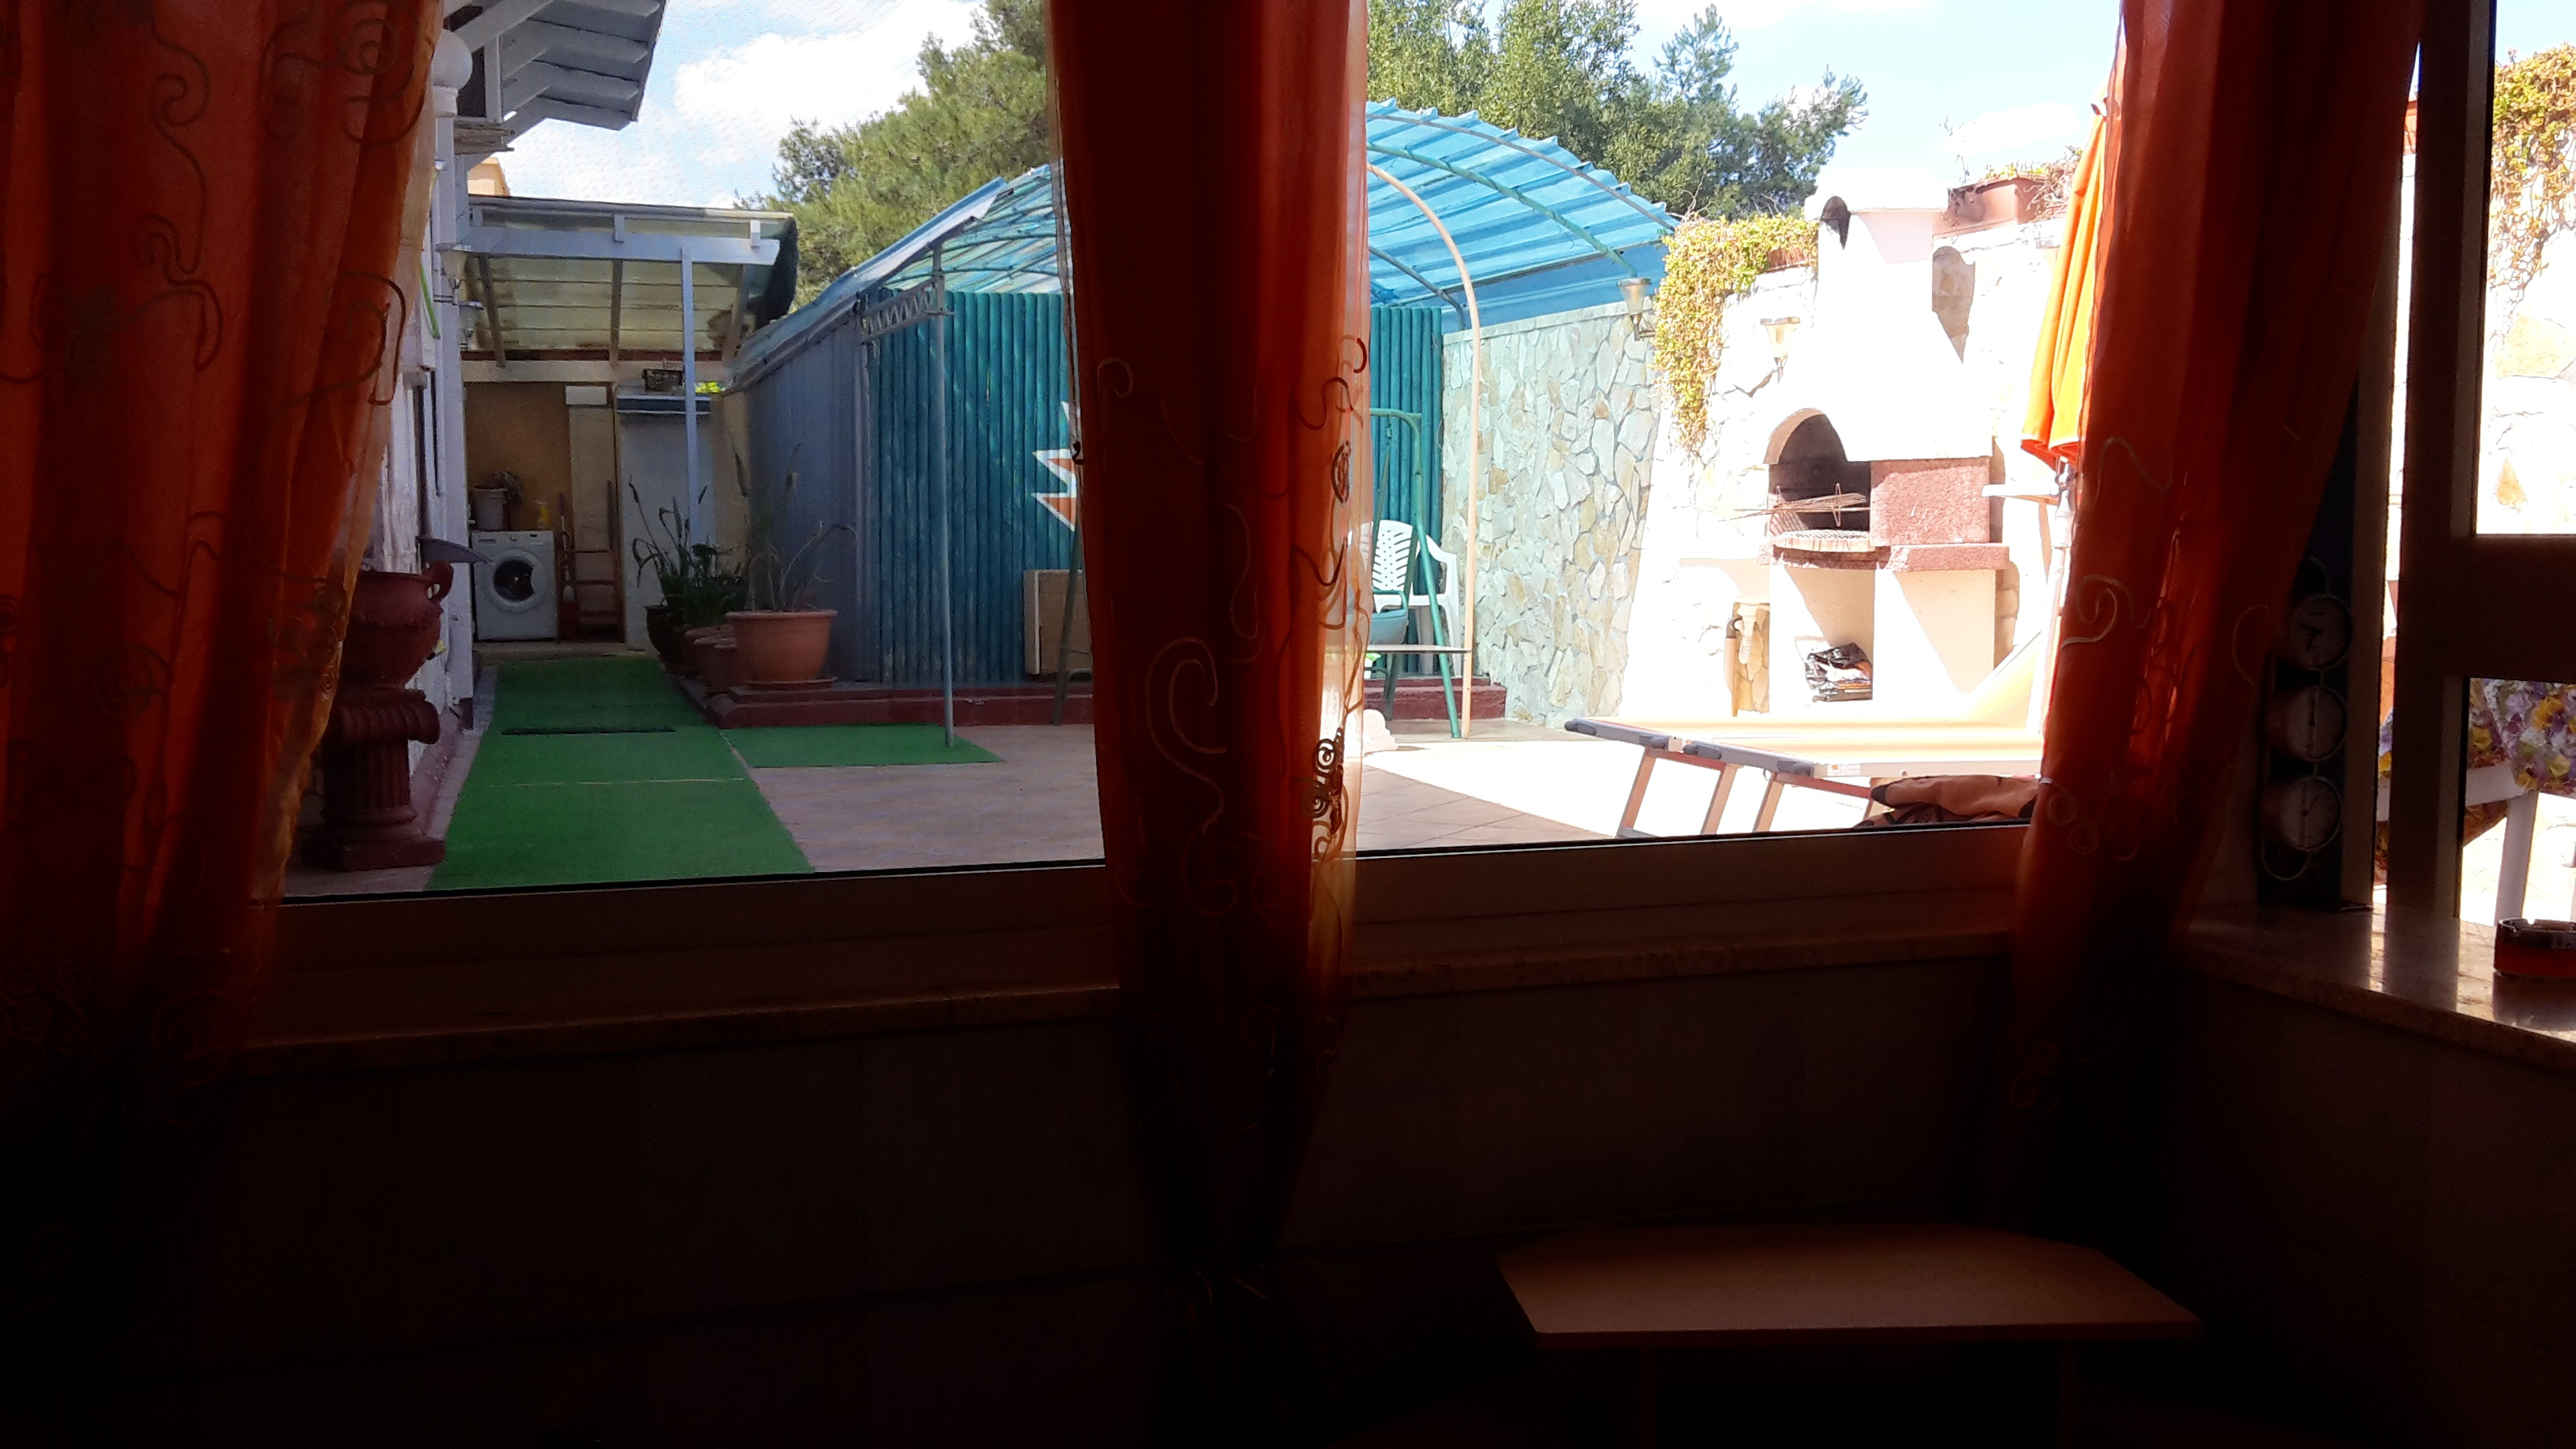 Ferienhaus Haus mit 2 Schlafzimmern in Porto Cesareo (Lecce) mit Pool, möbliertem Garten und W-LAN (2201032), Porto Cesareo, Lecce, Apulien, Italien, Bild 19